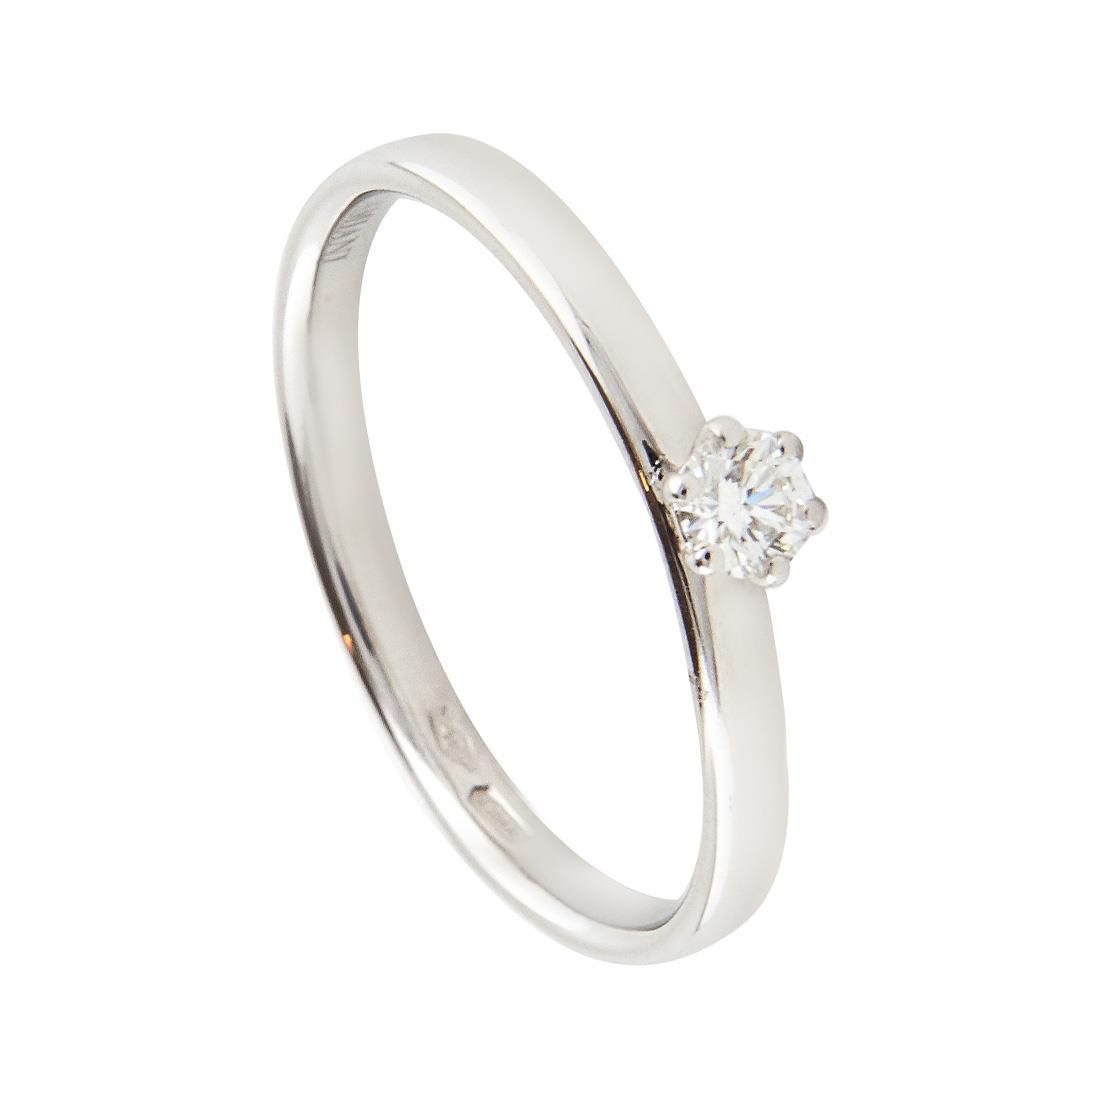 Anello in oro bianco con diamante ct 0.168, misura 15 - DAMIANI